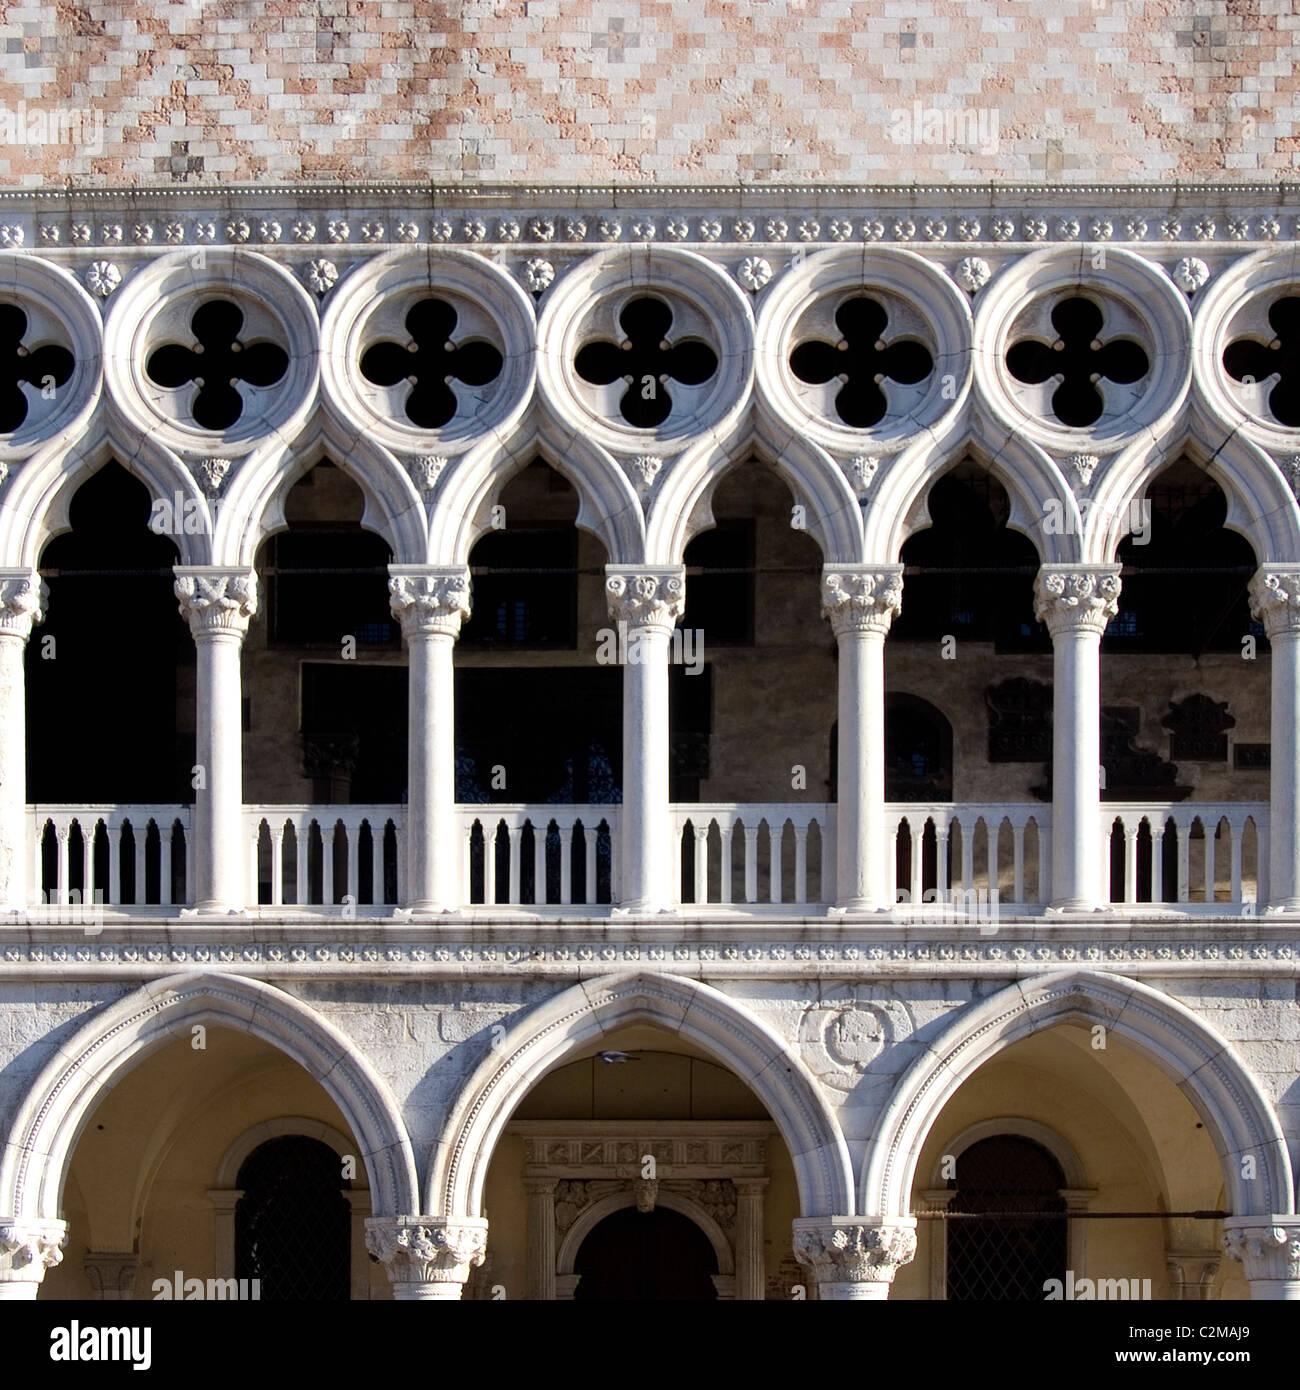 Palazzo Ducale), Venezia - dettagli architettonici Immagini Stock